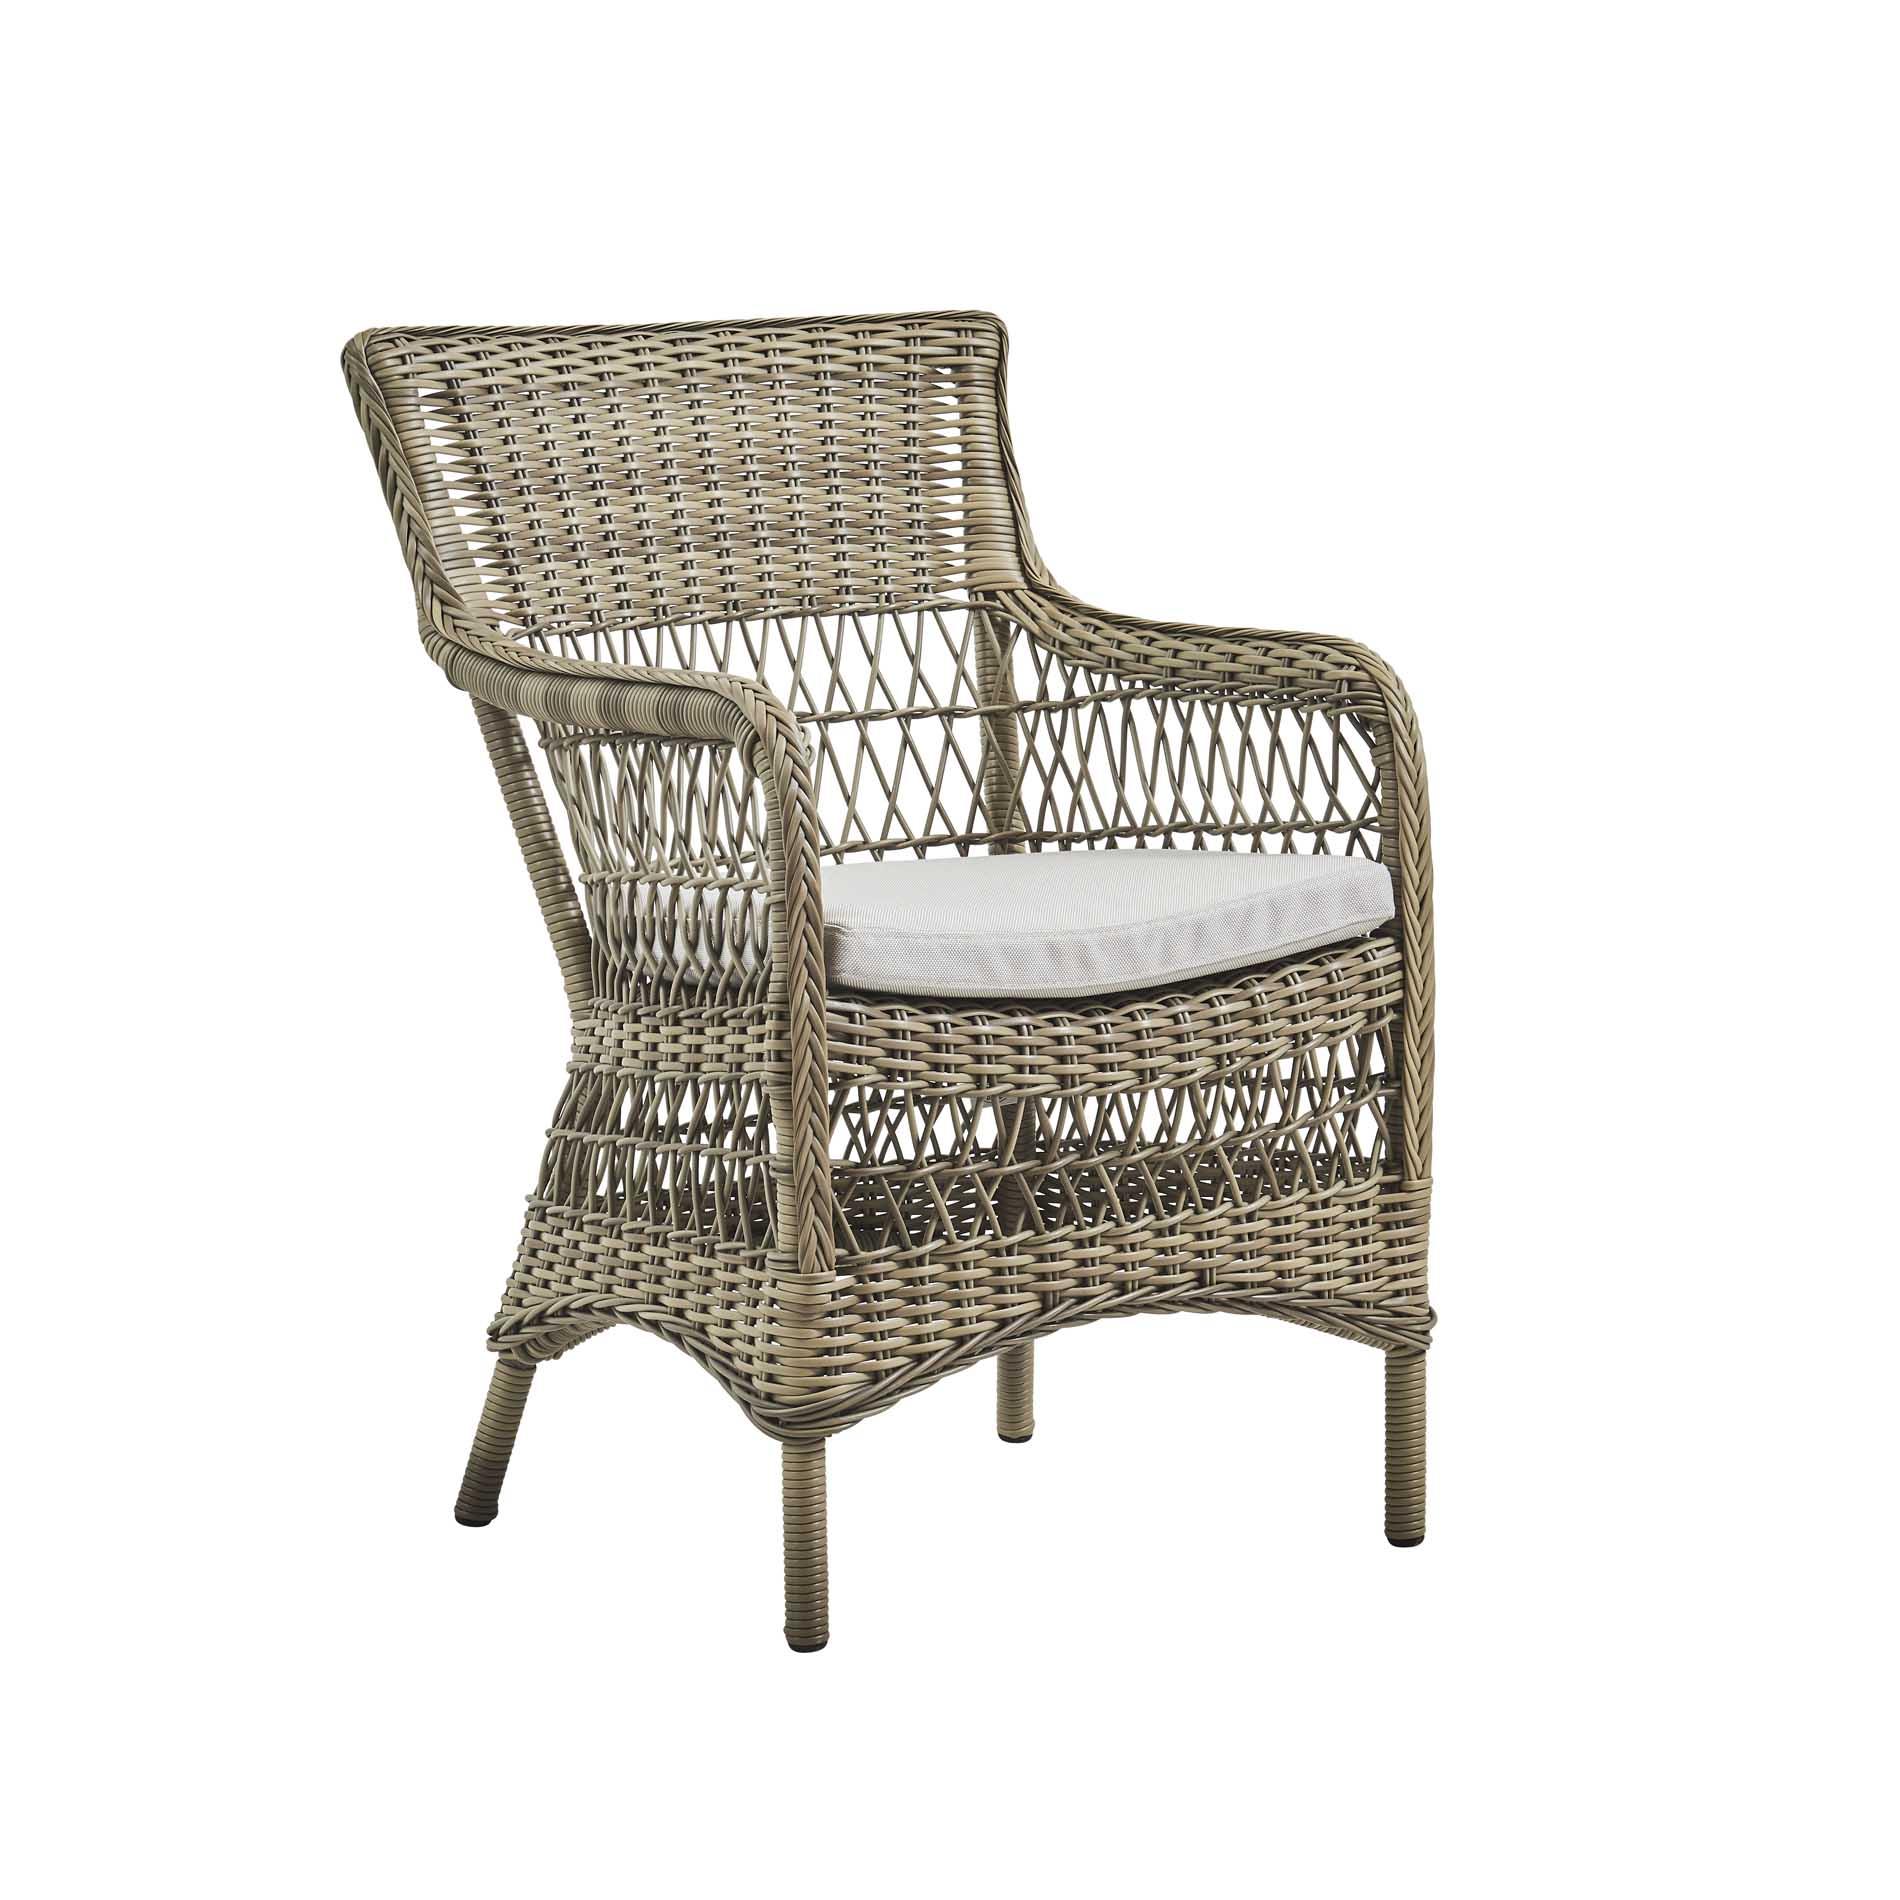 Chaise repas en aluminium et fibre synthétique taupe